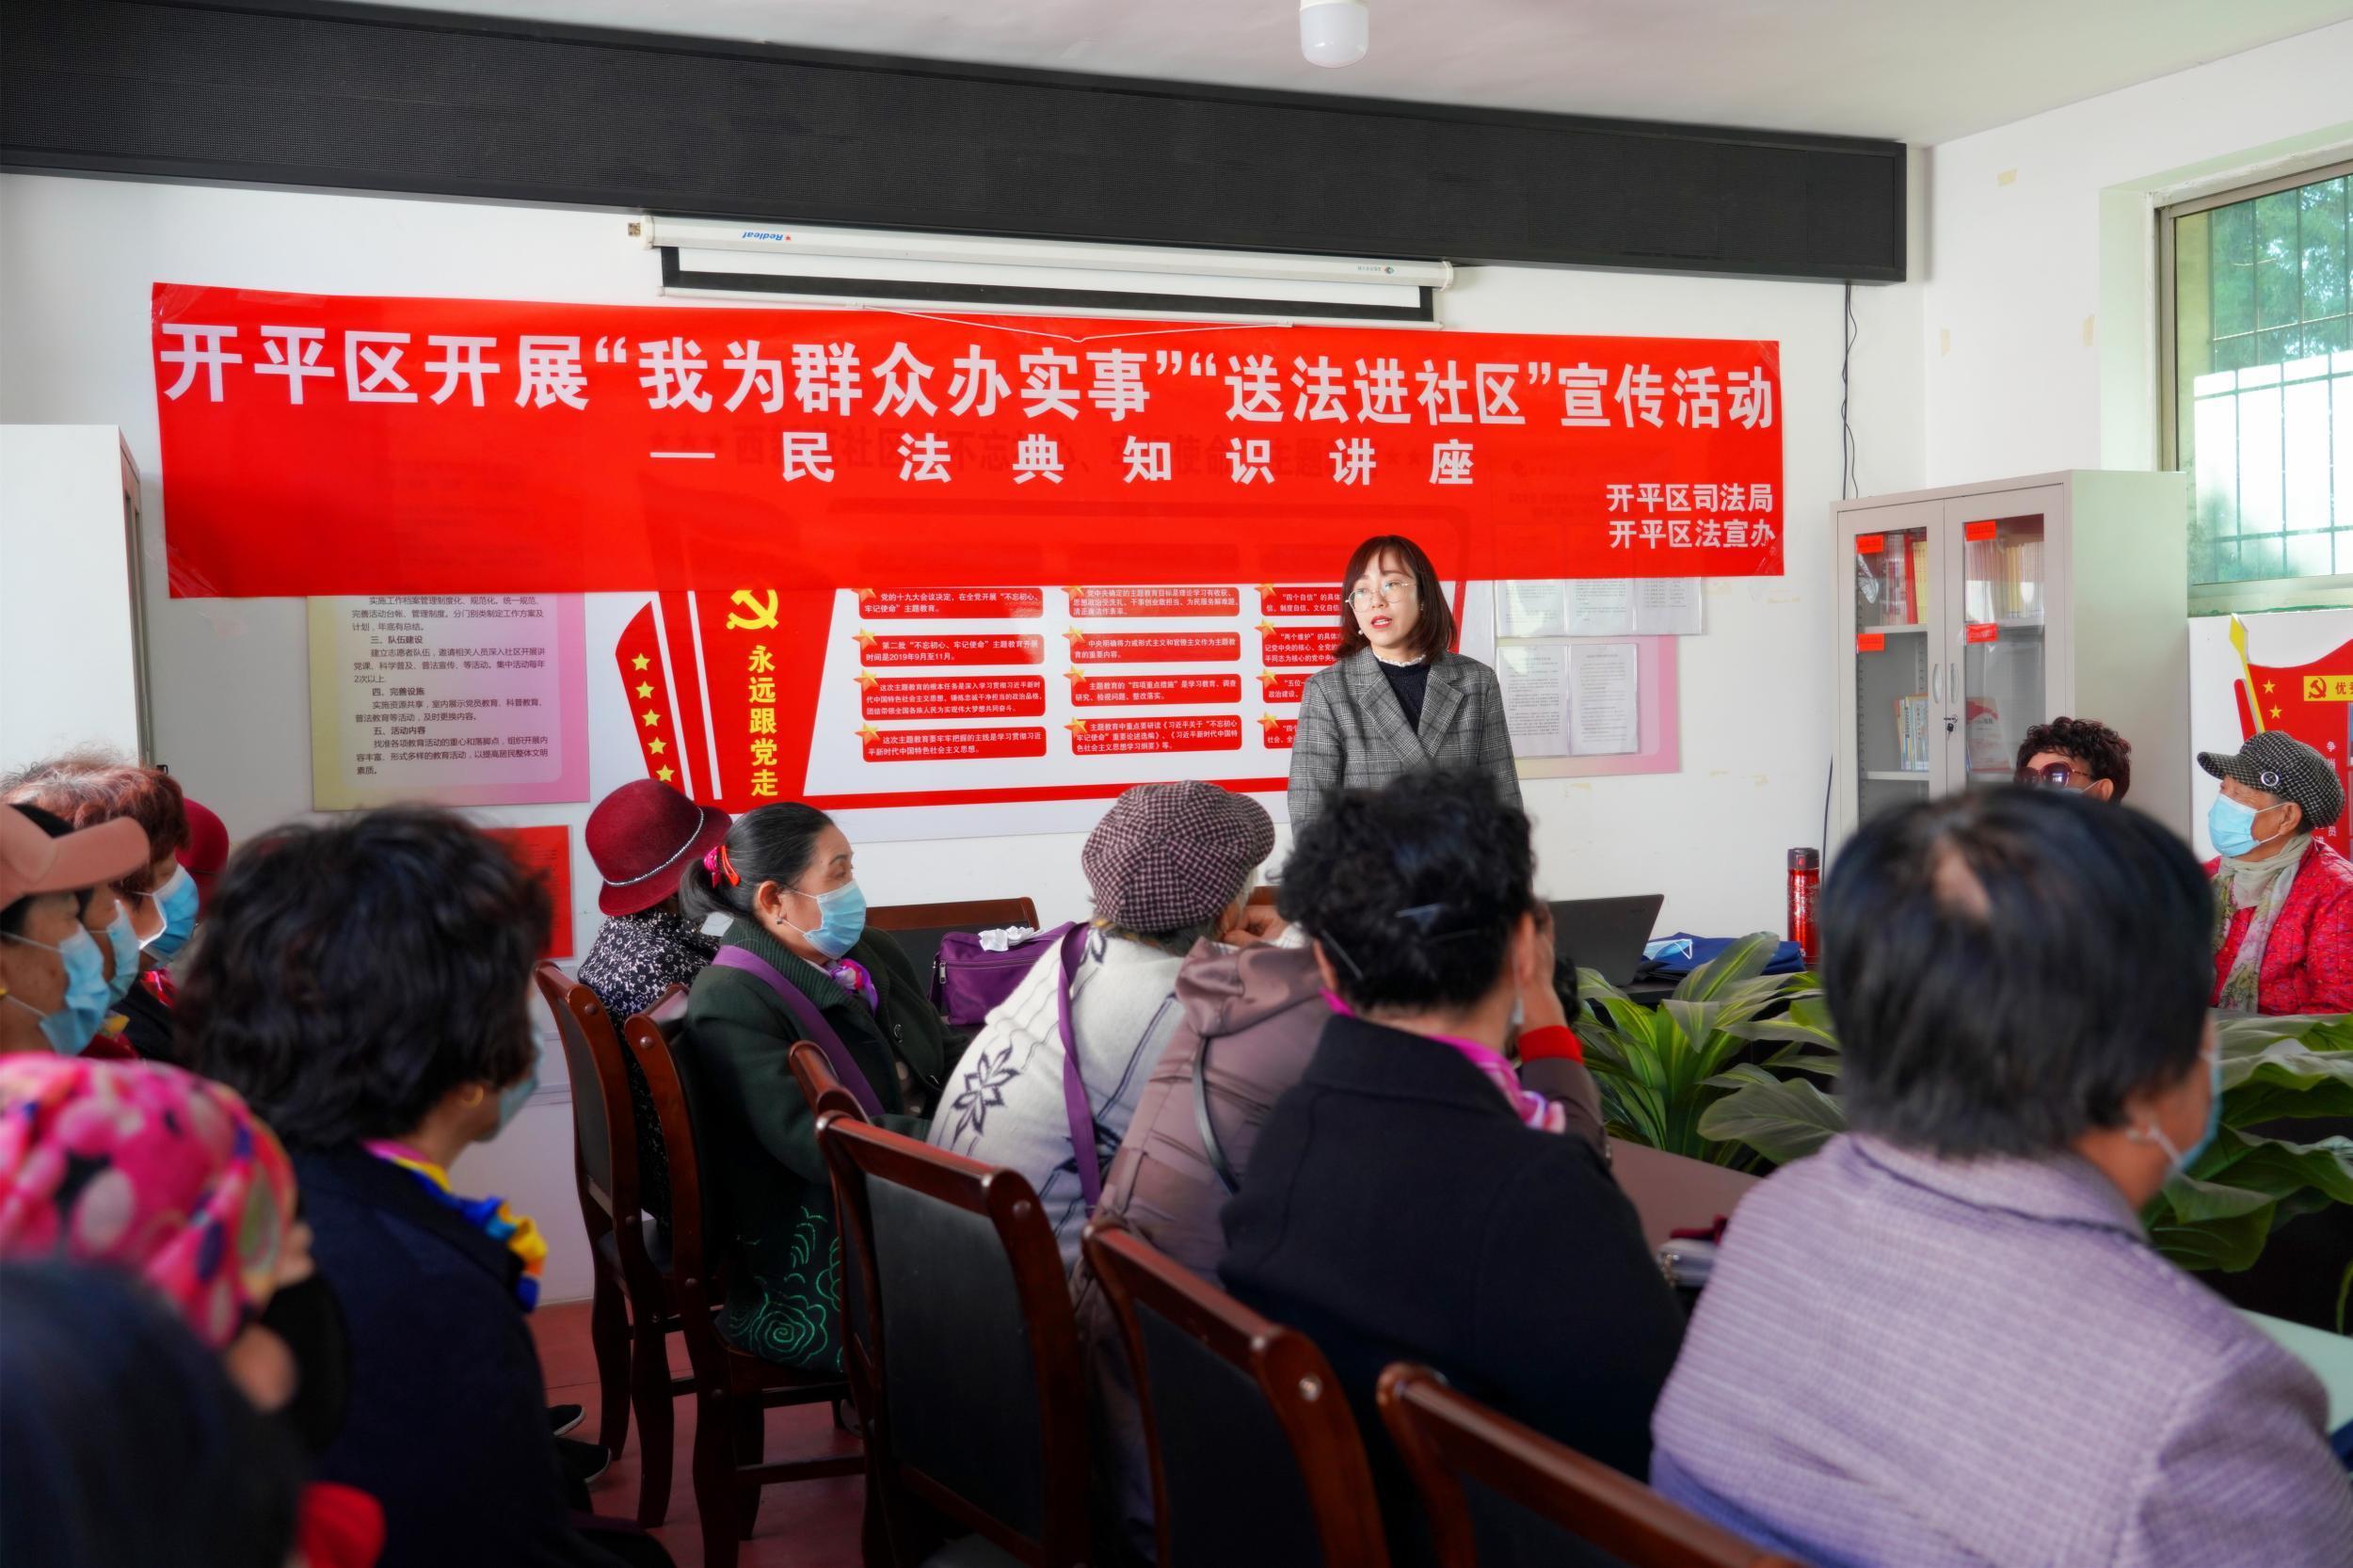 唐山开平:律师进社区普法暖人心